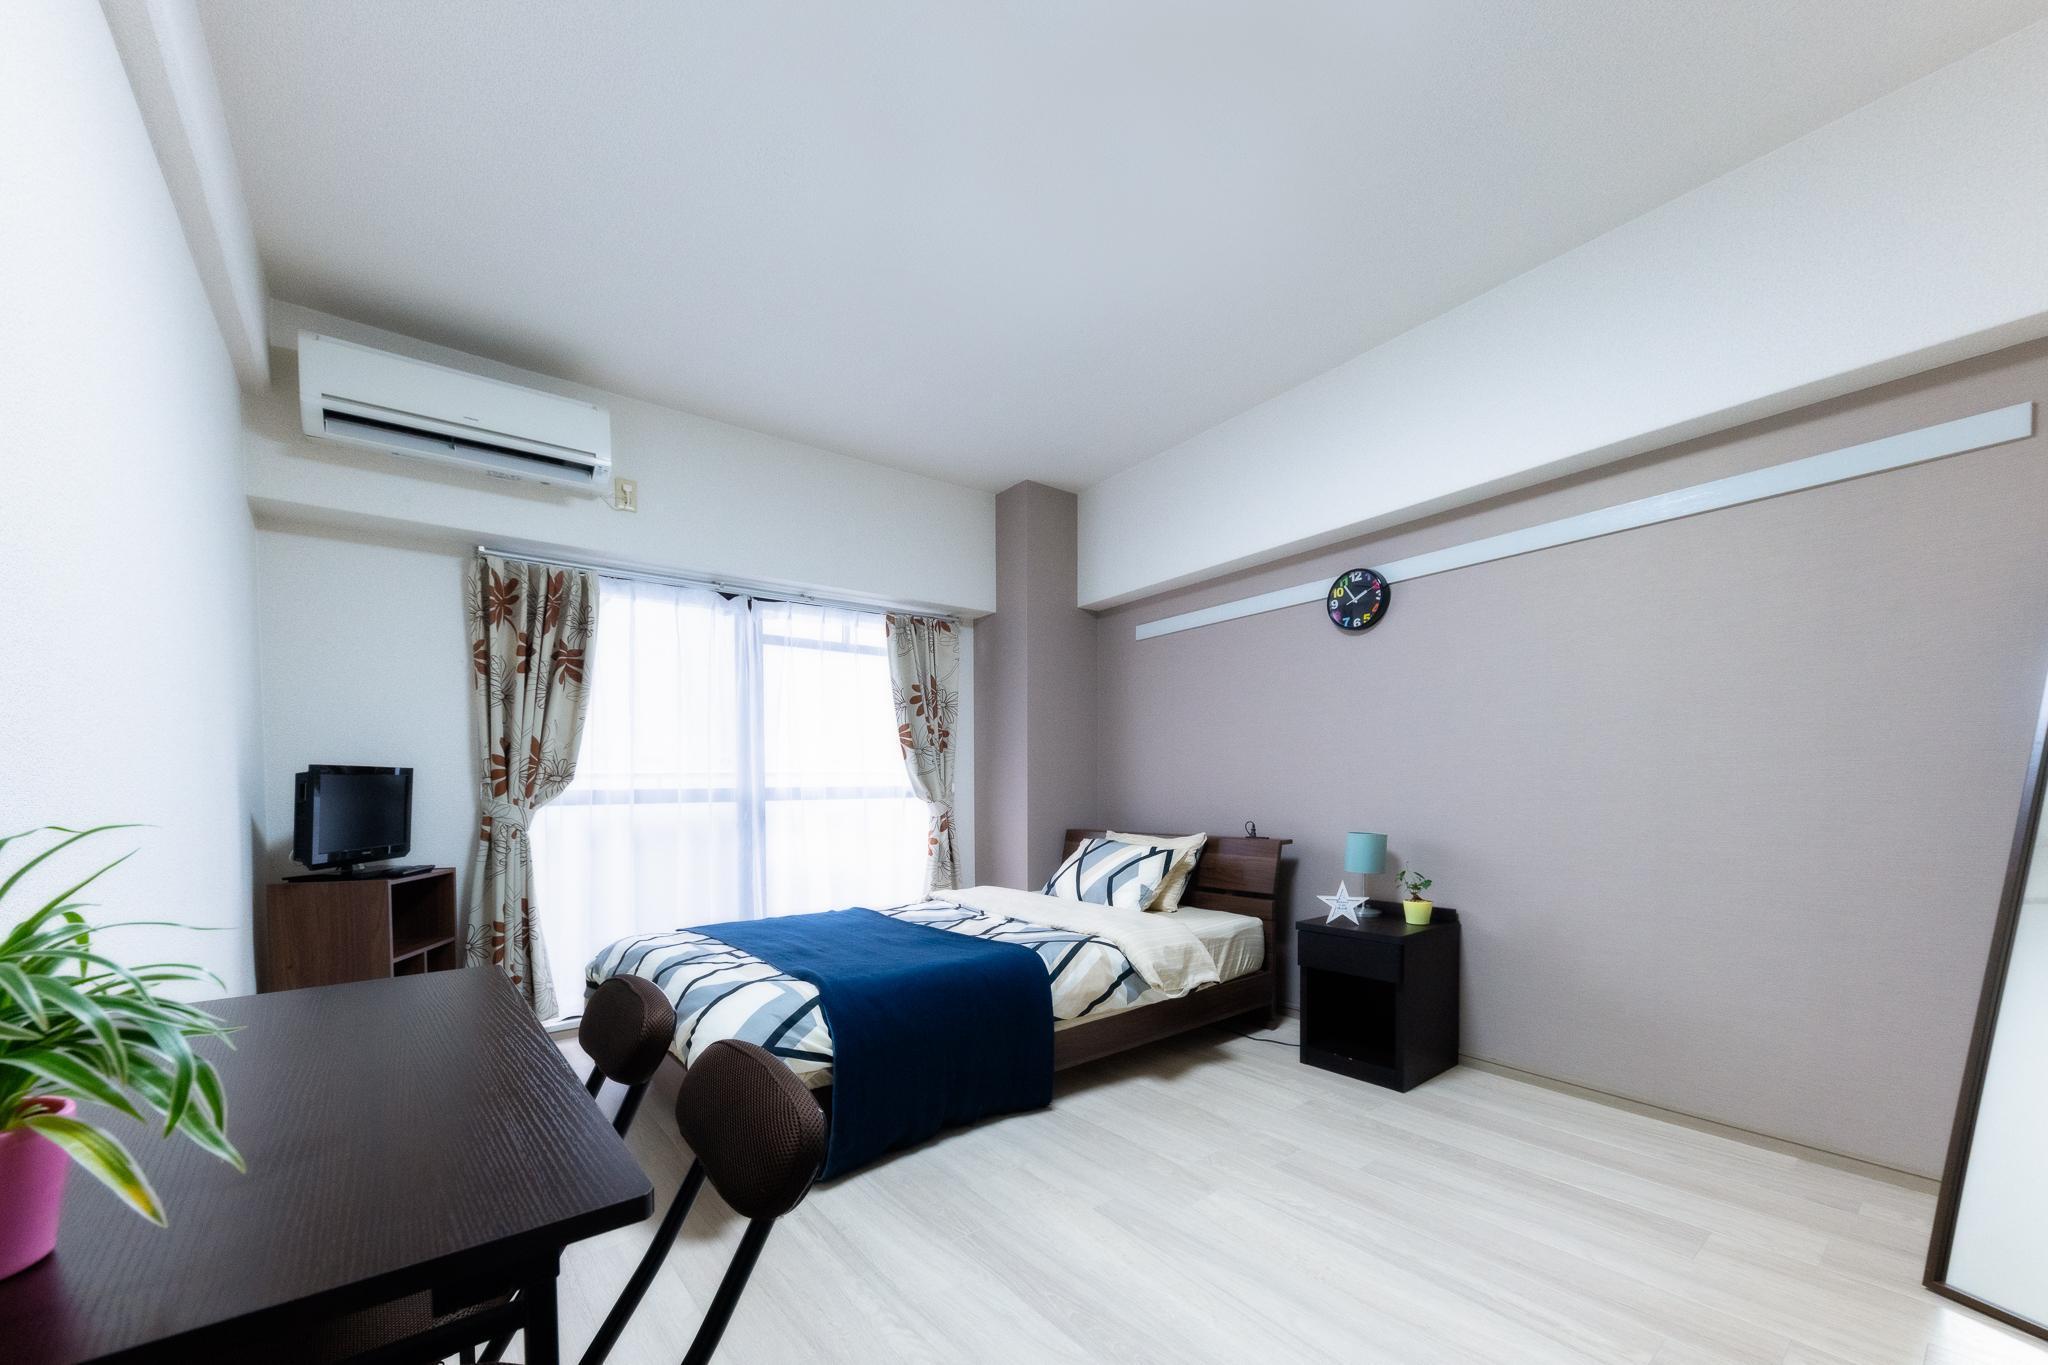 801 Cozy Room Near Tenjin With Free Pocket Wifi